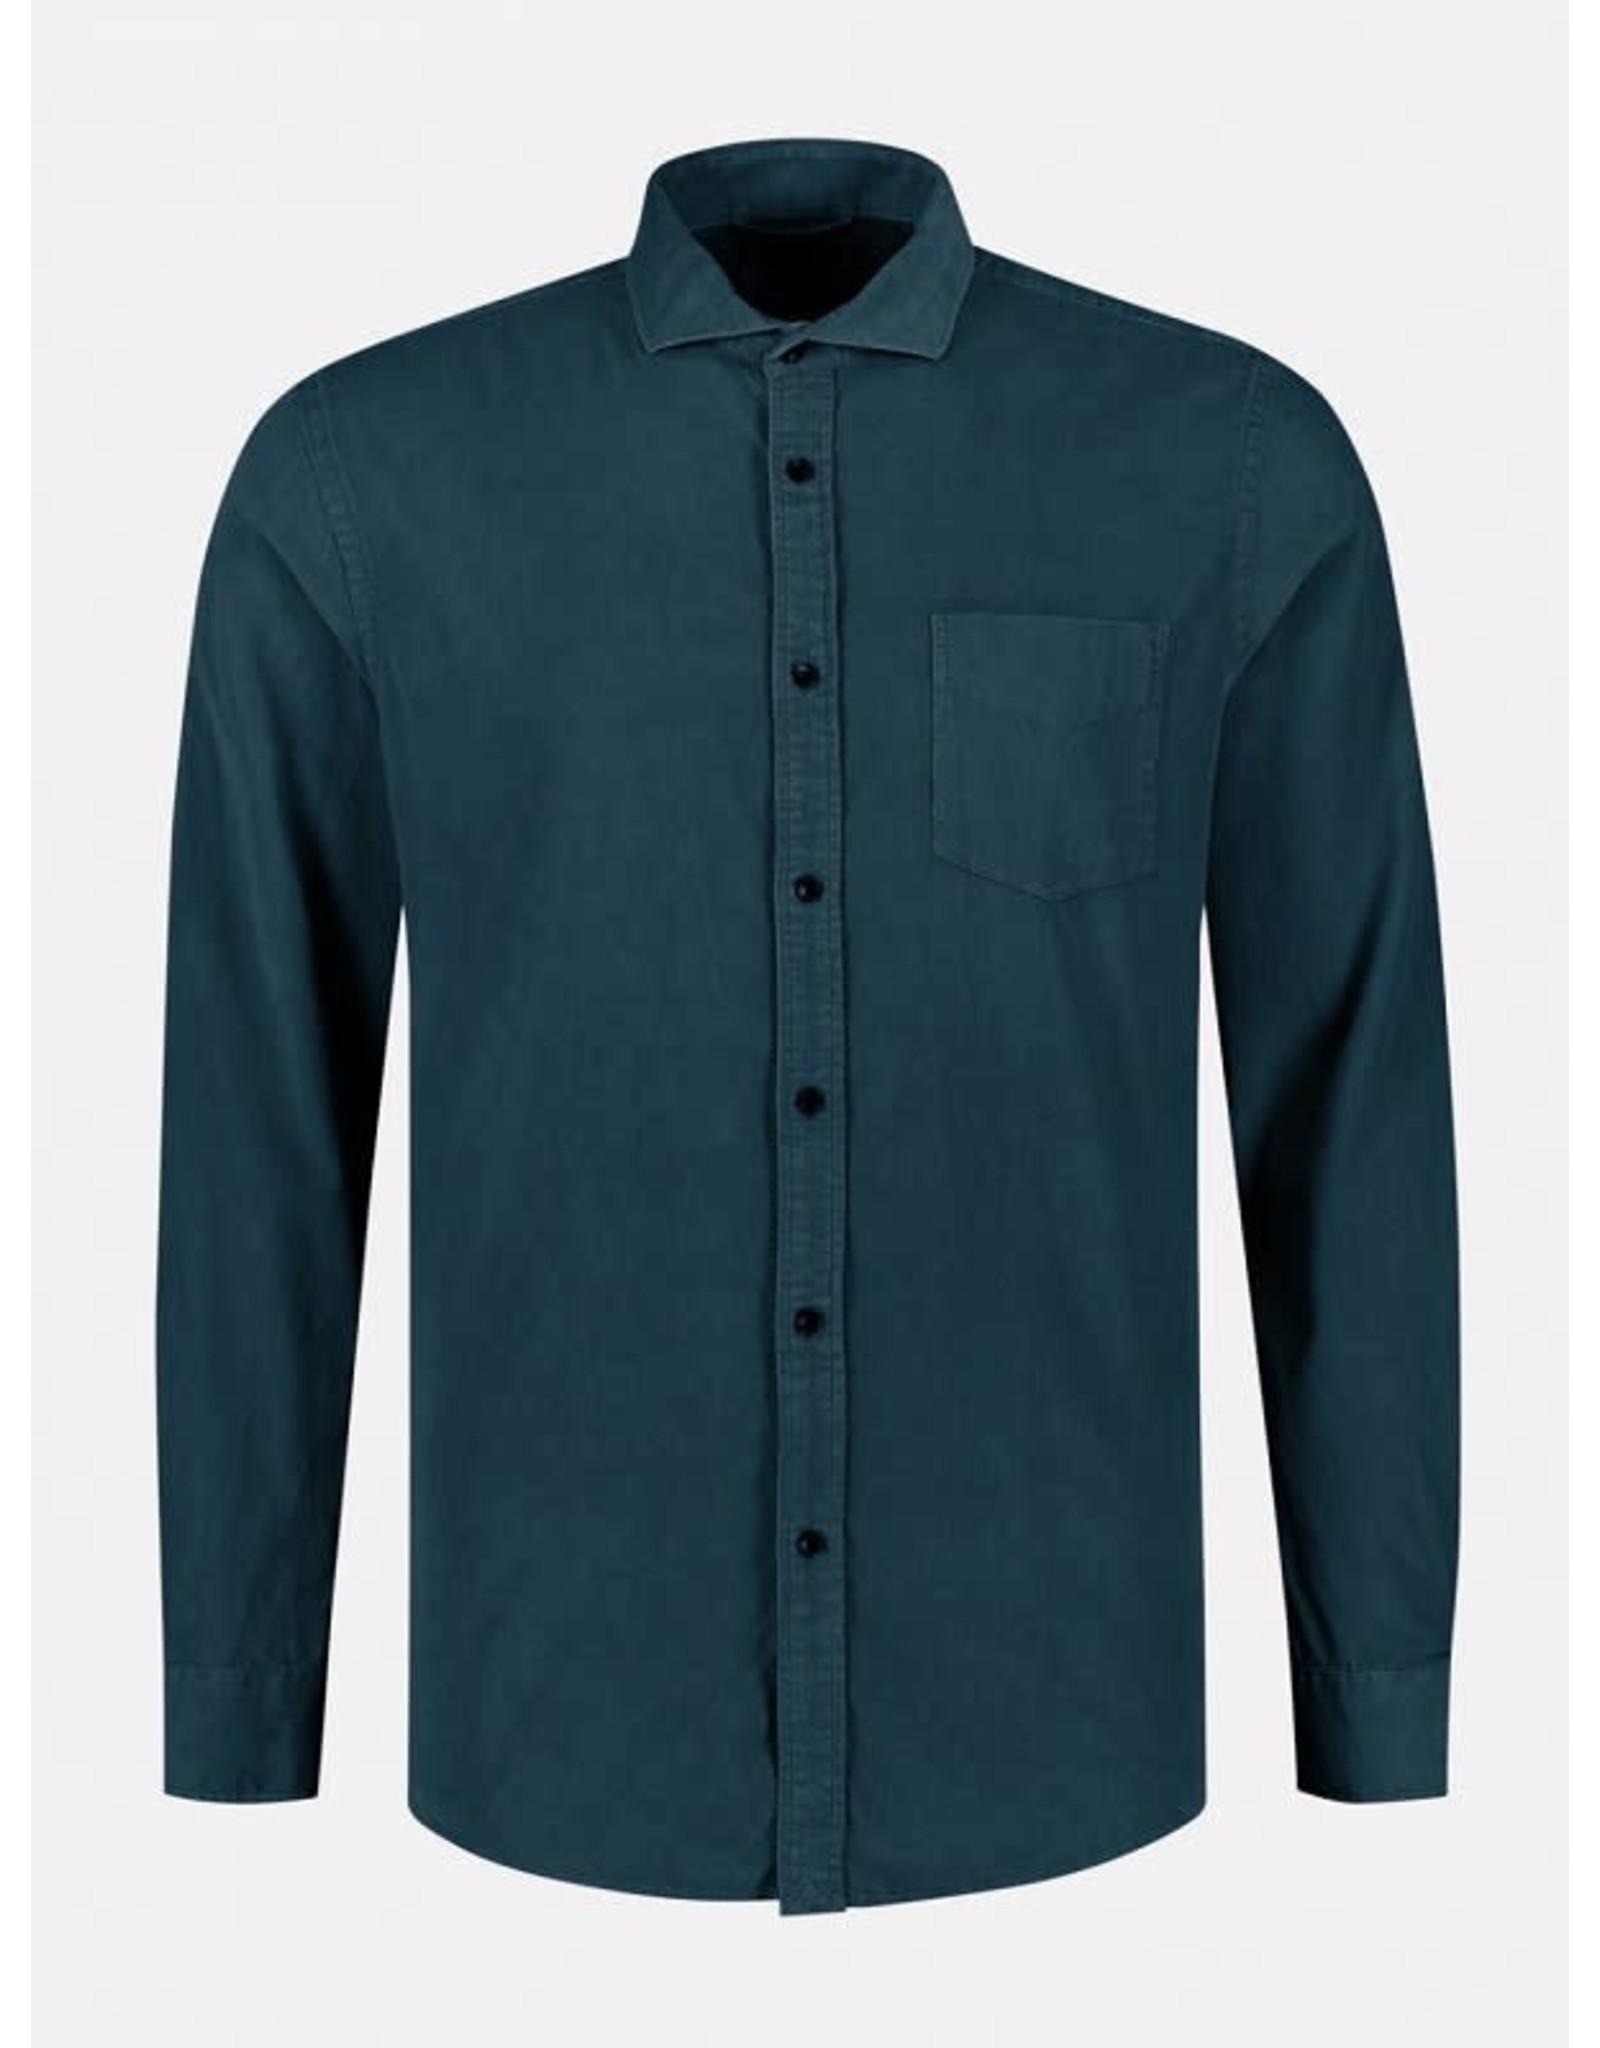 Dstrezzed Dstrezzed baby cord overhemd blauw